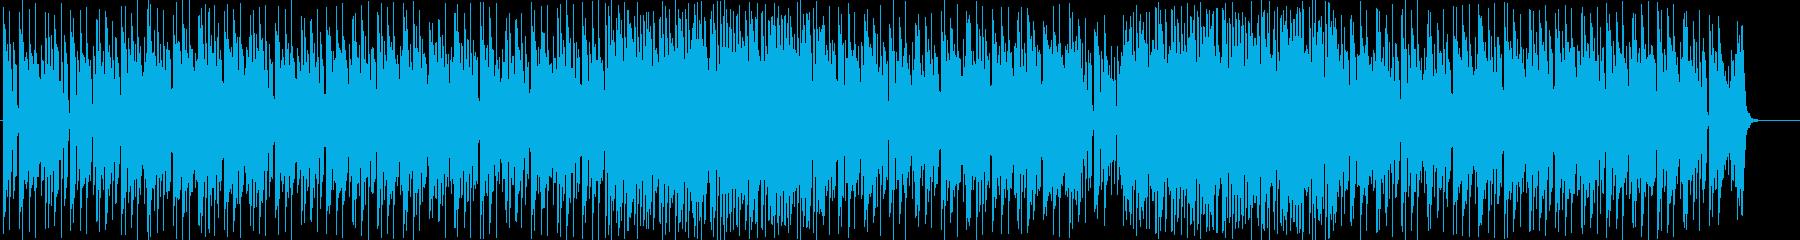 速いテンポのシンセサイザーサウンドの再生済みの波形